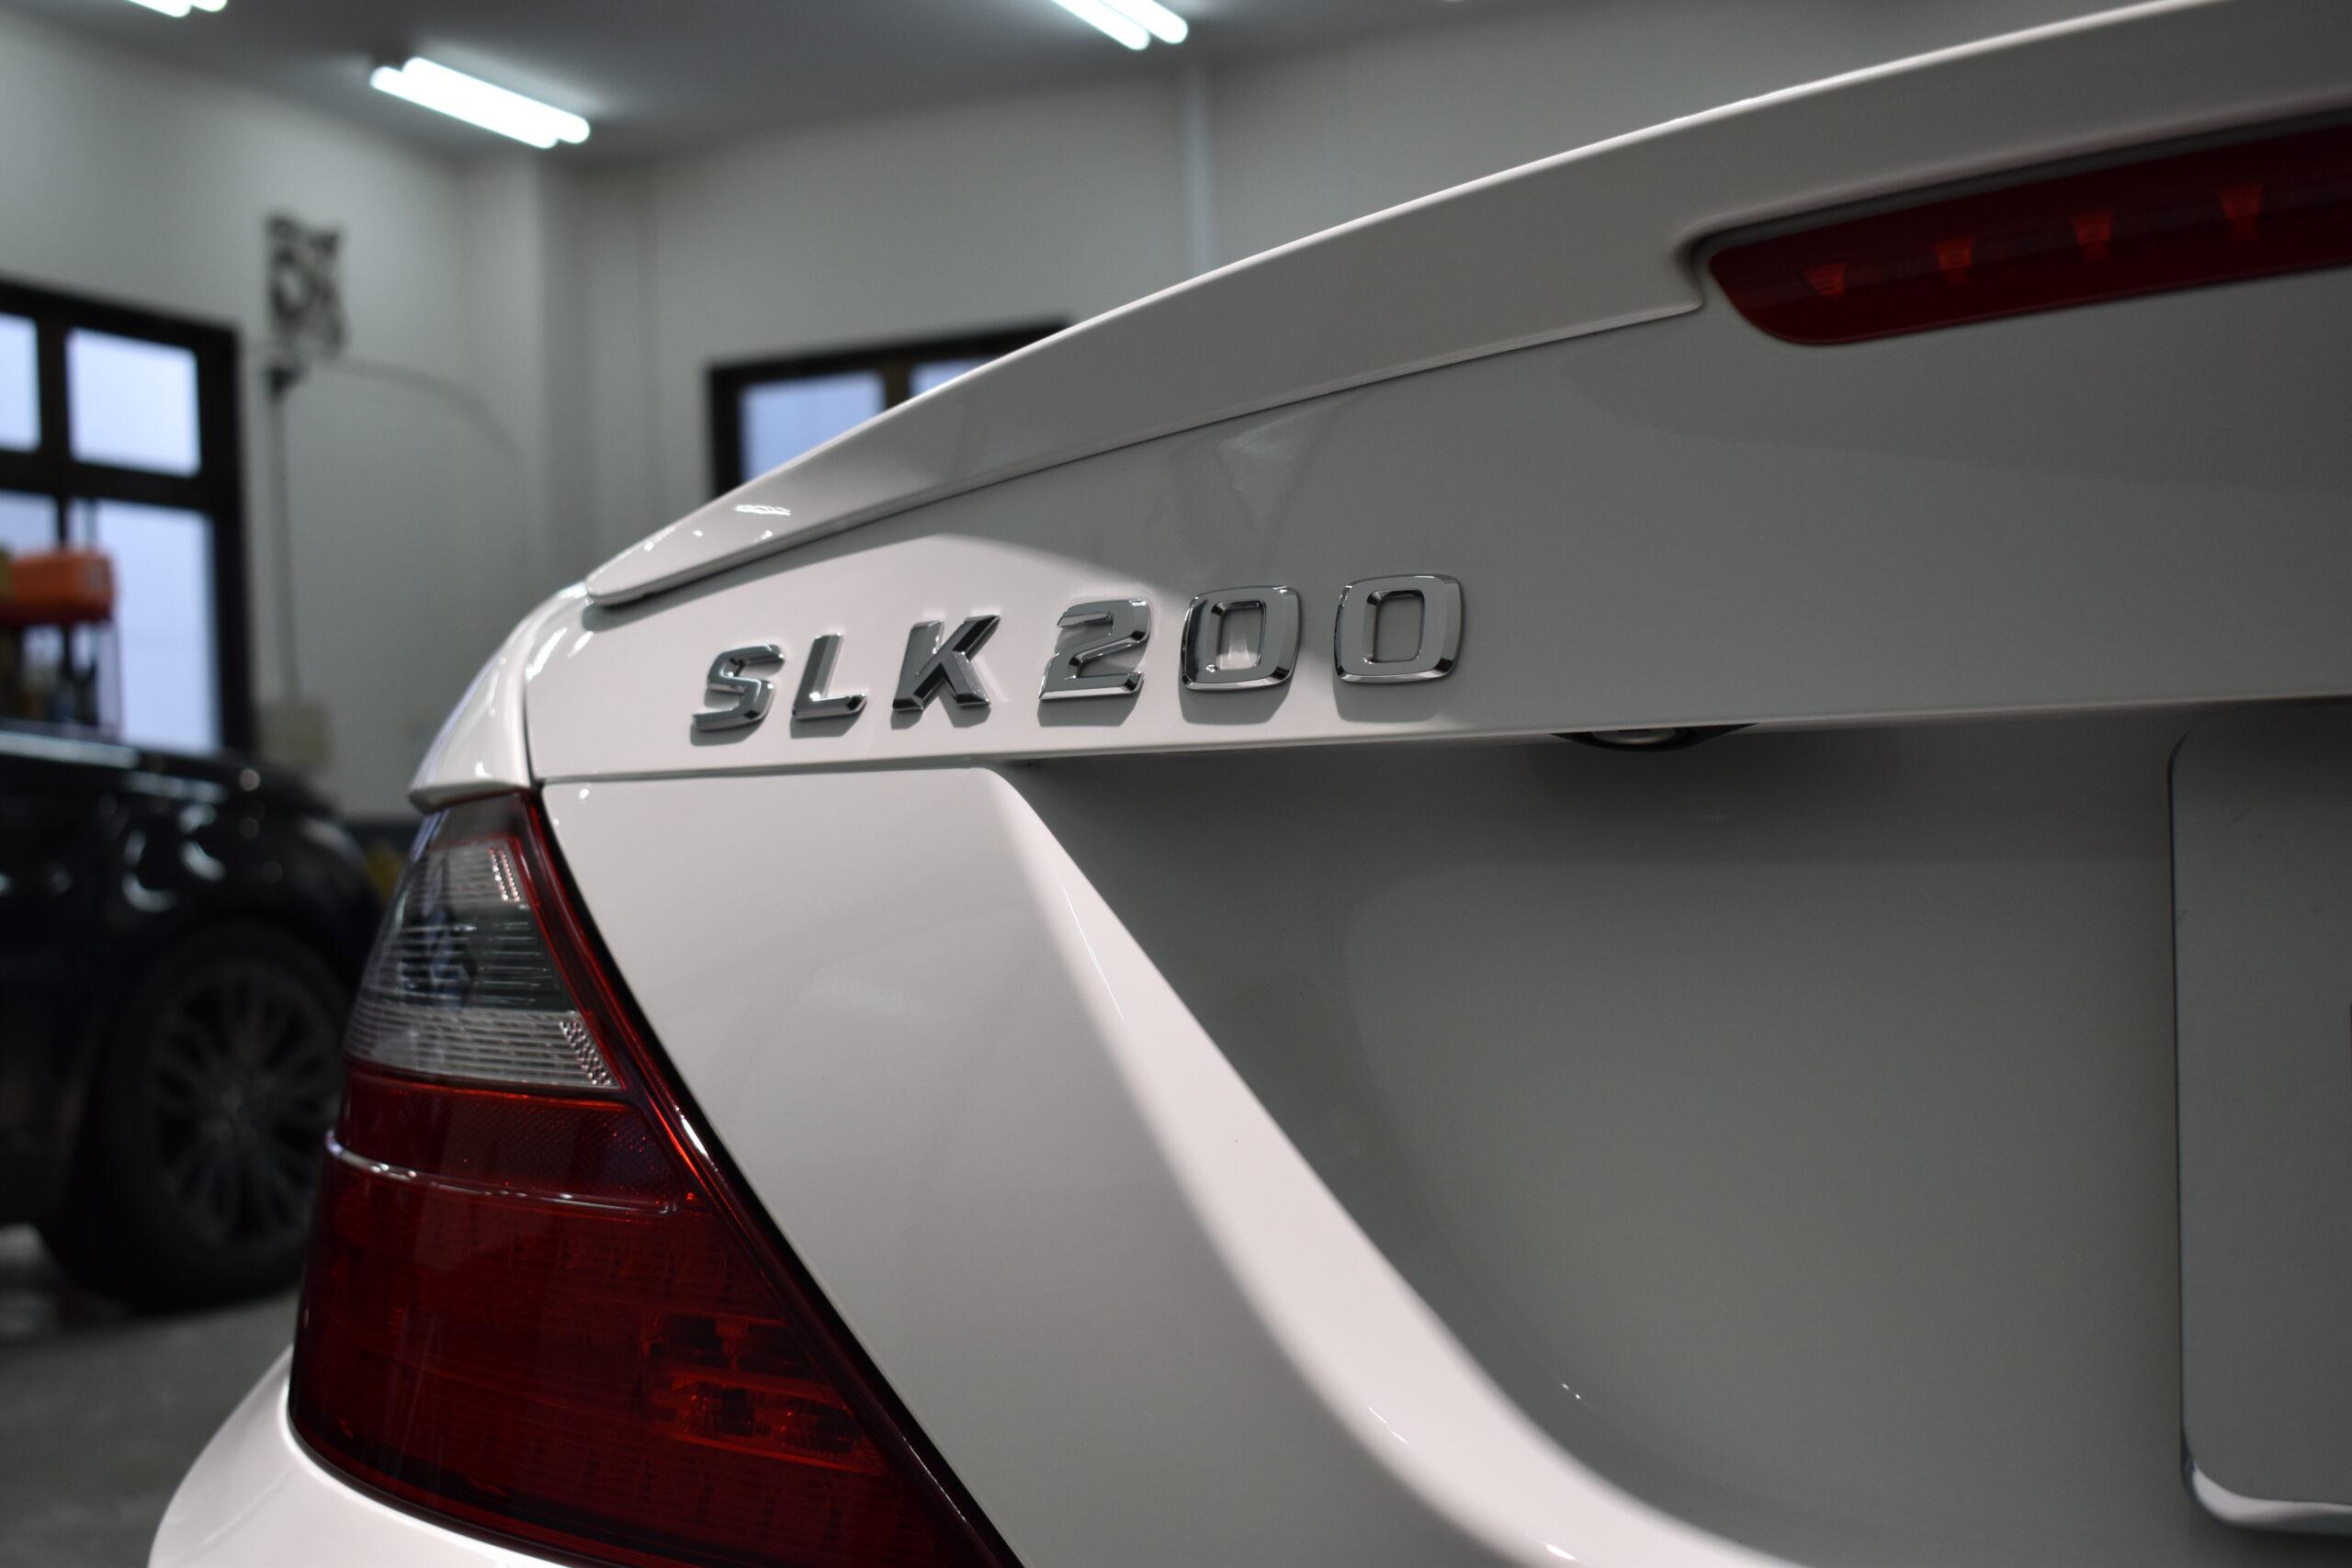 SLK200